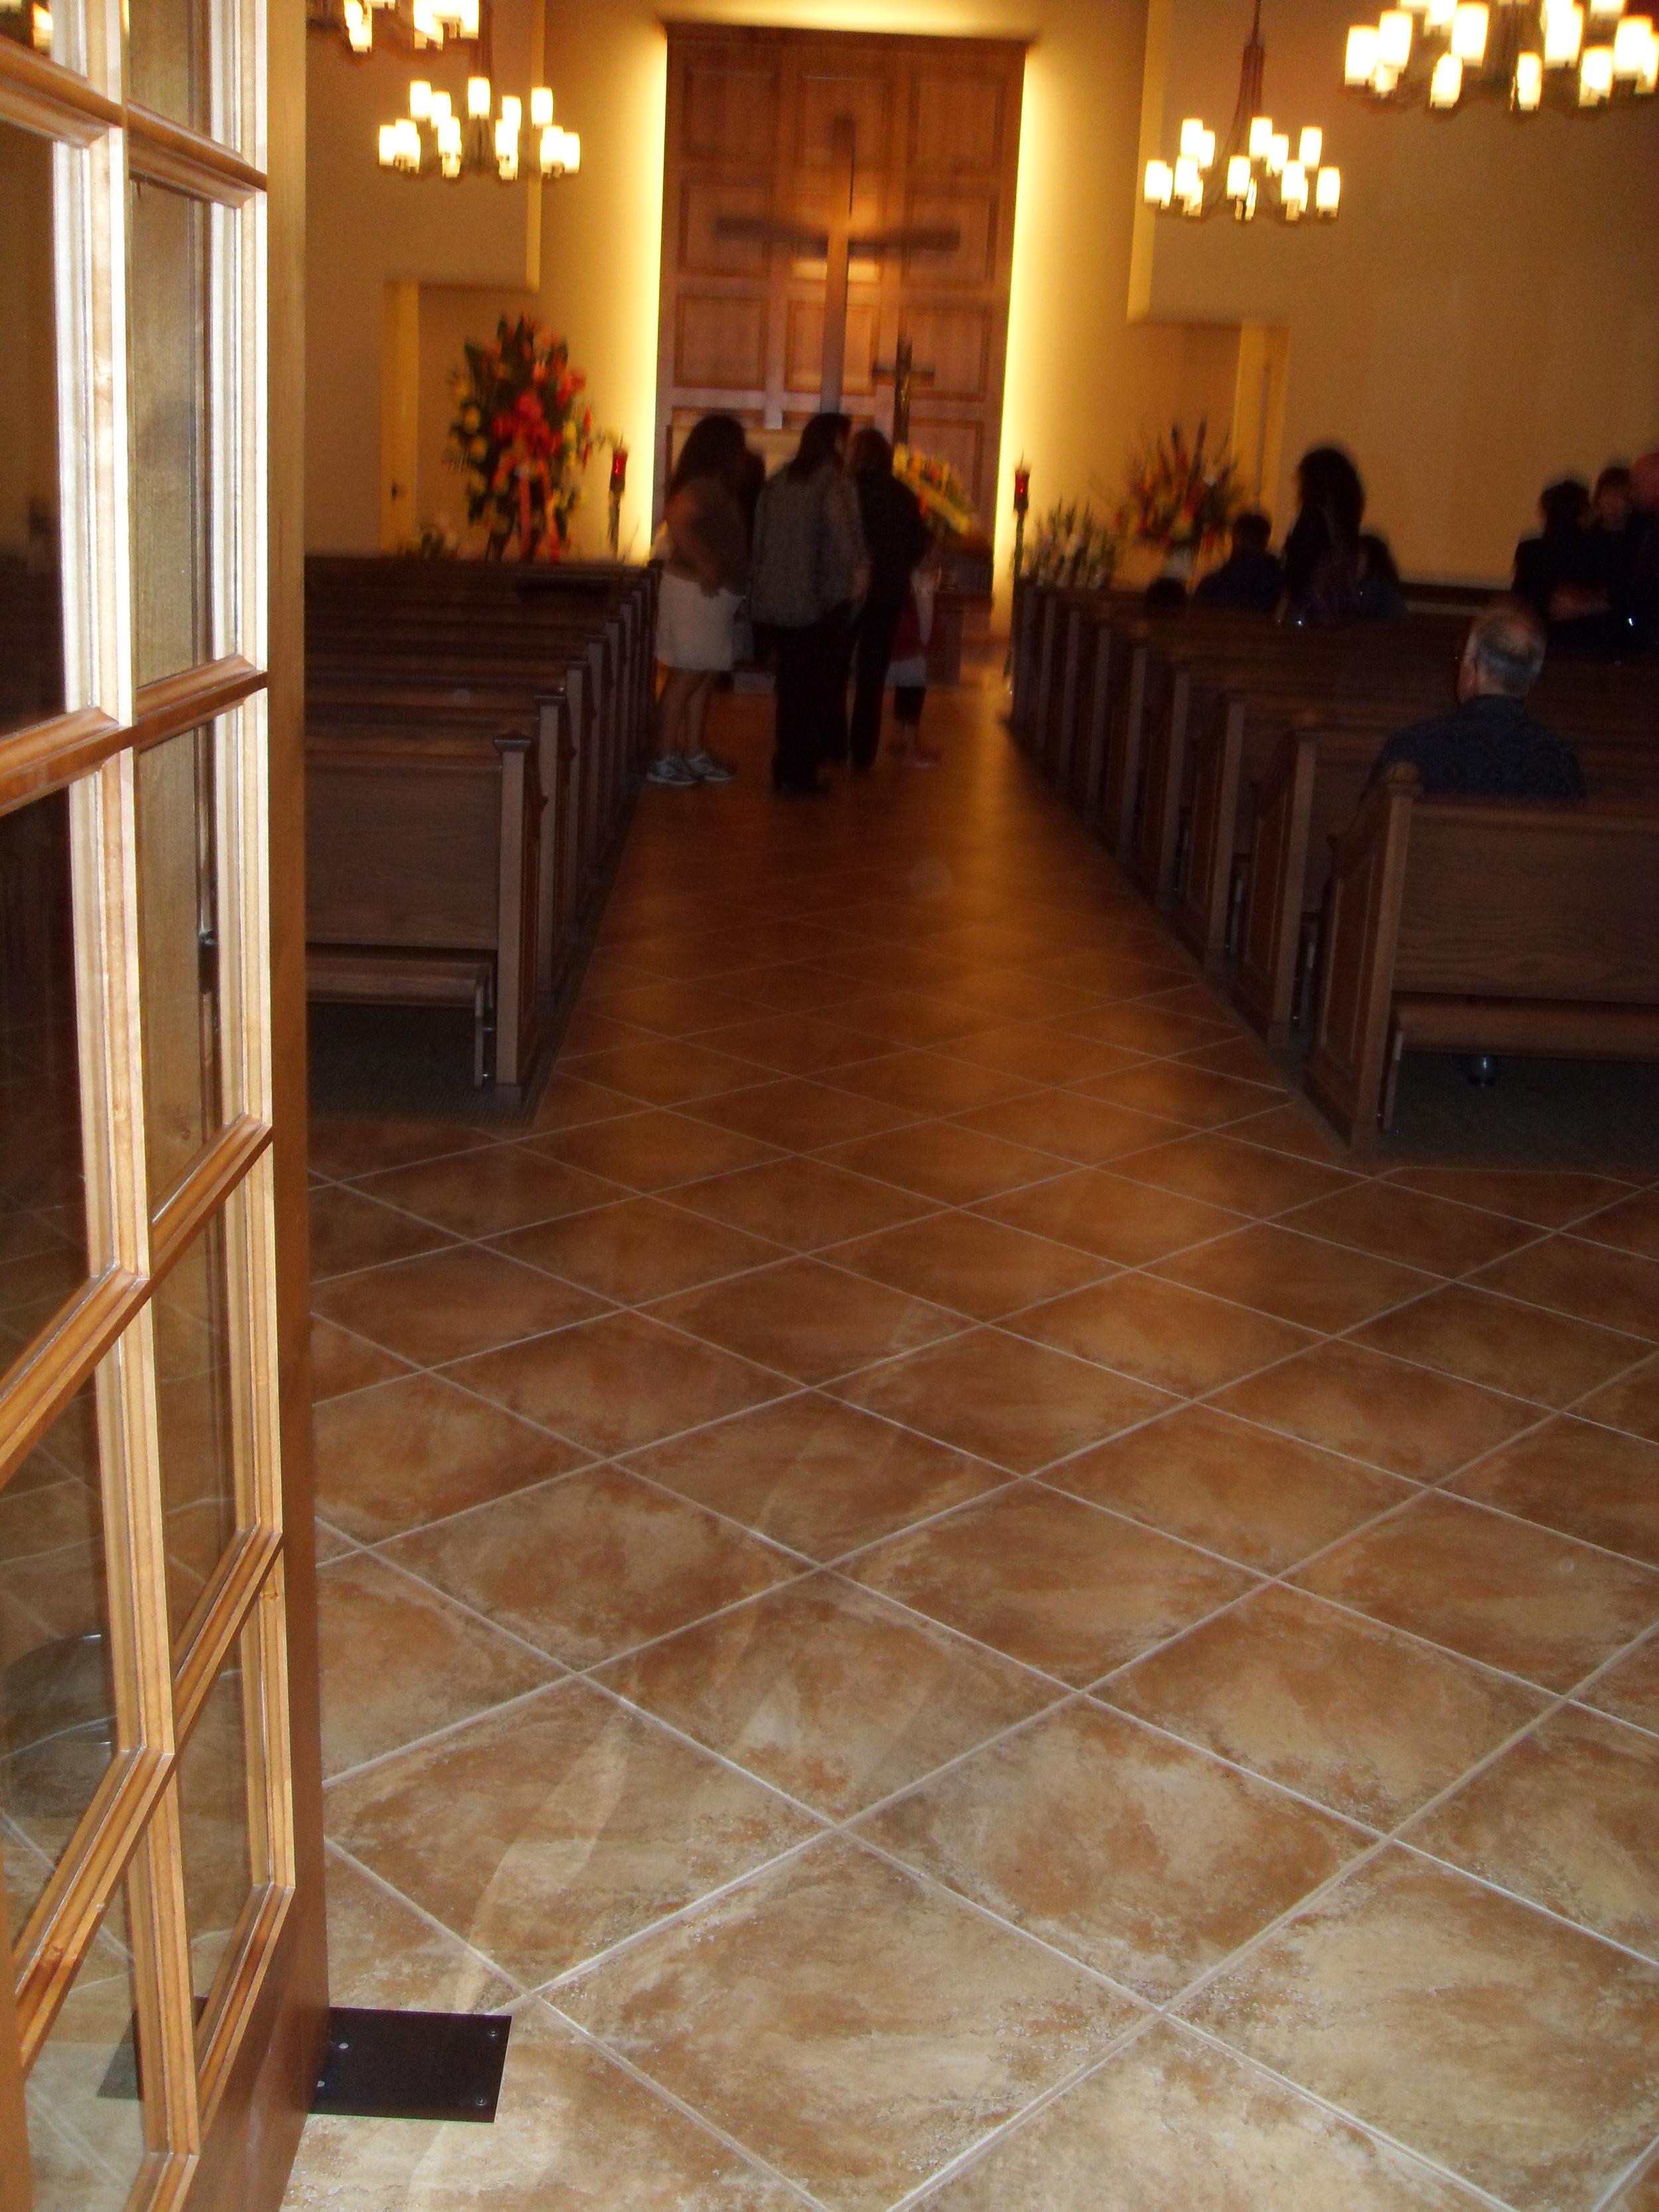 FinishedChapel Hallway.JPG